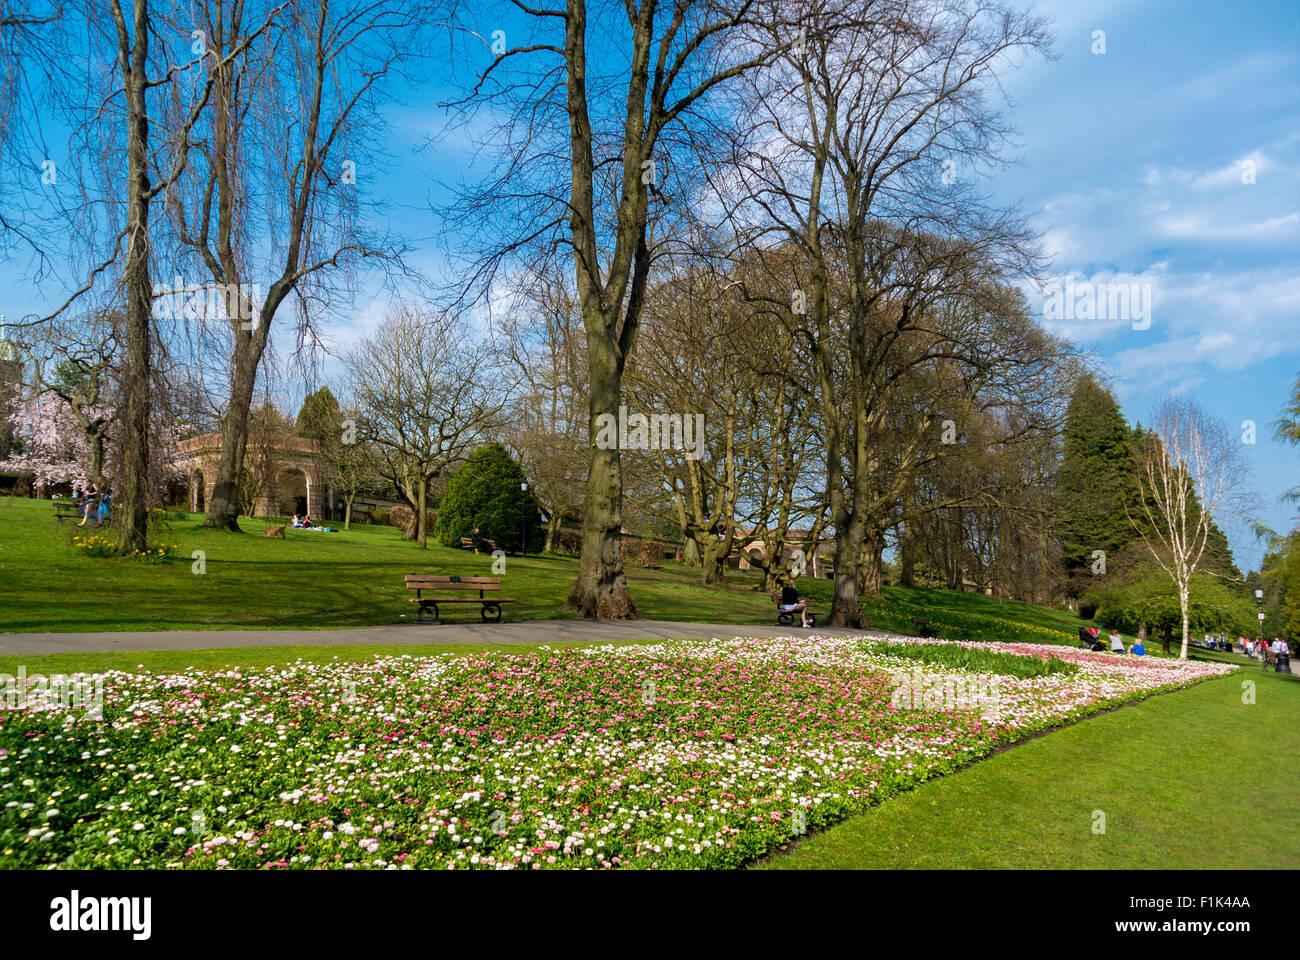 Frühling-Blumenbeete in Valley Gardens, Harrogate Stockfoto